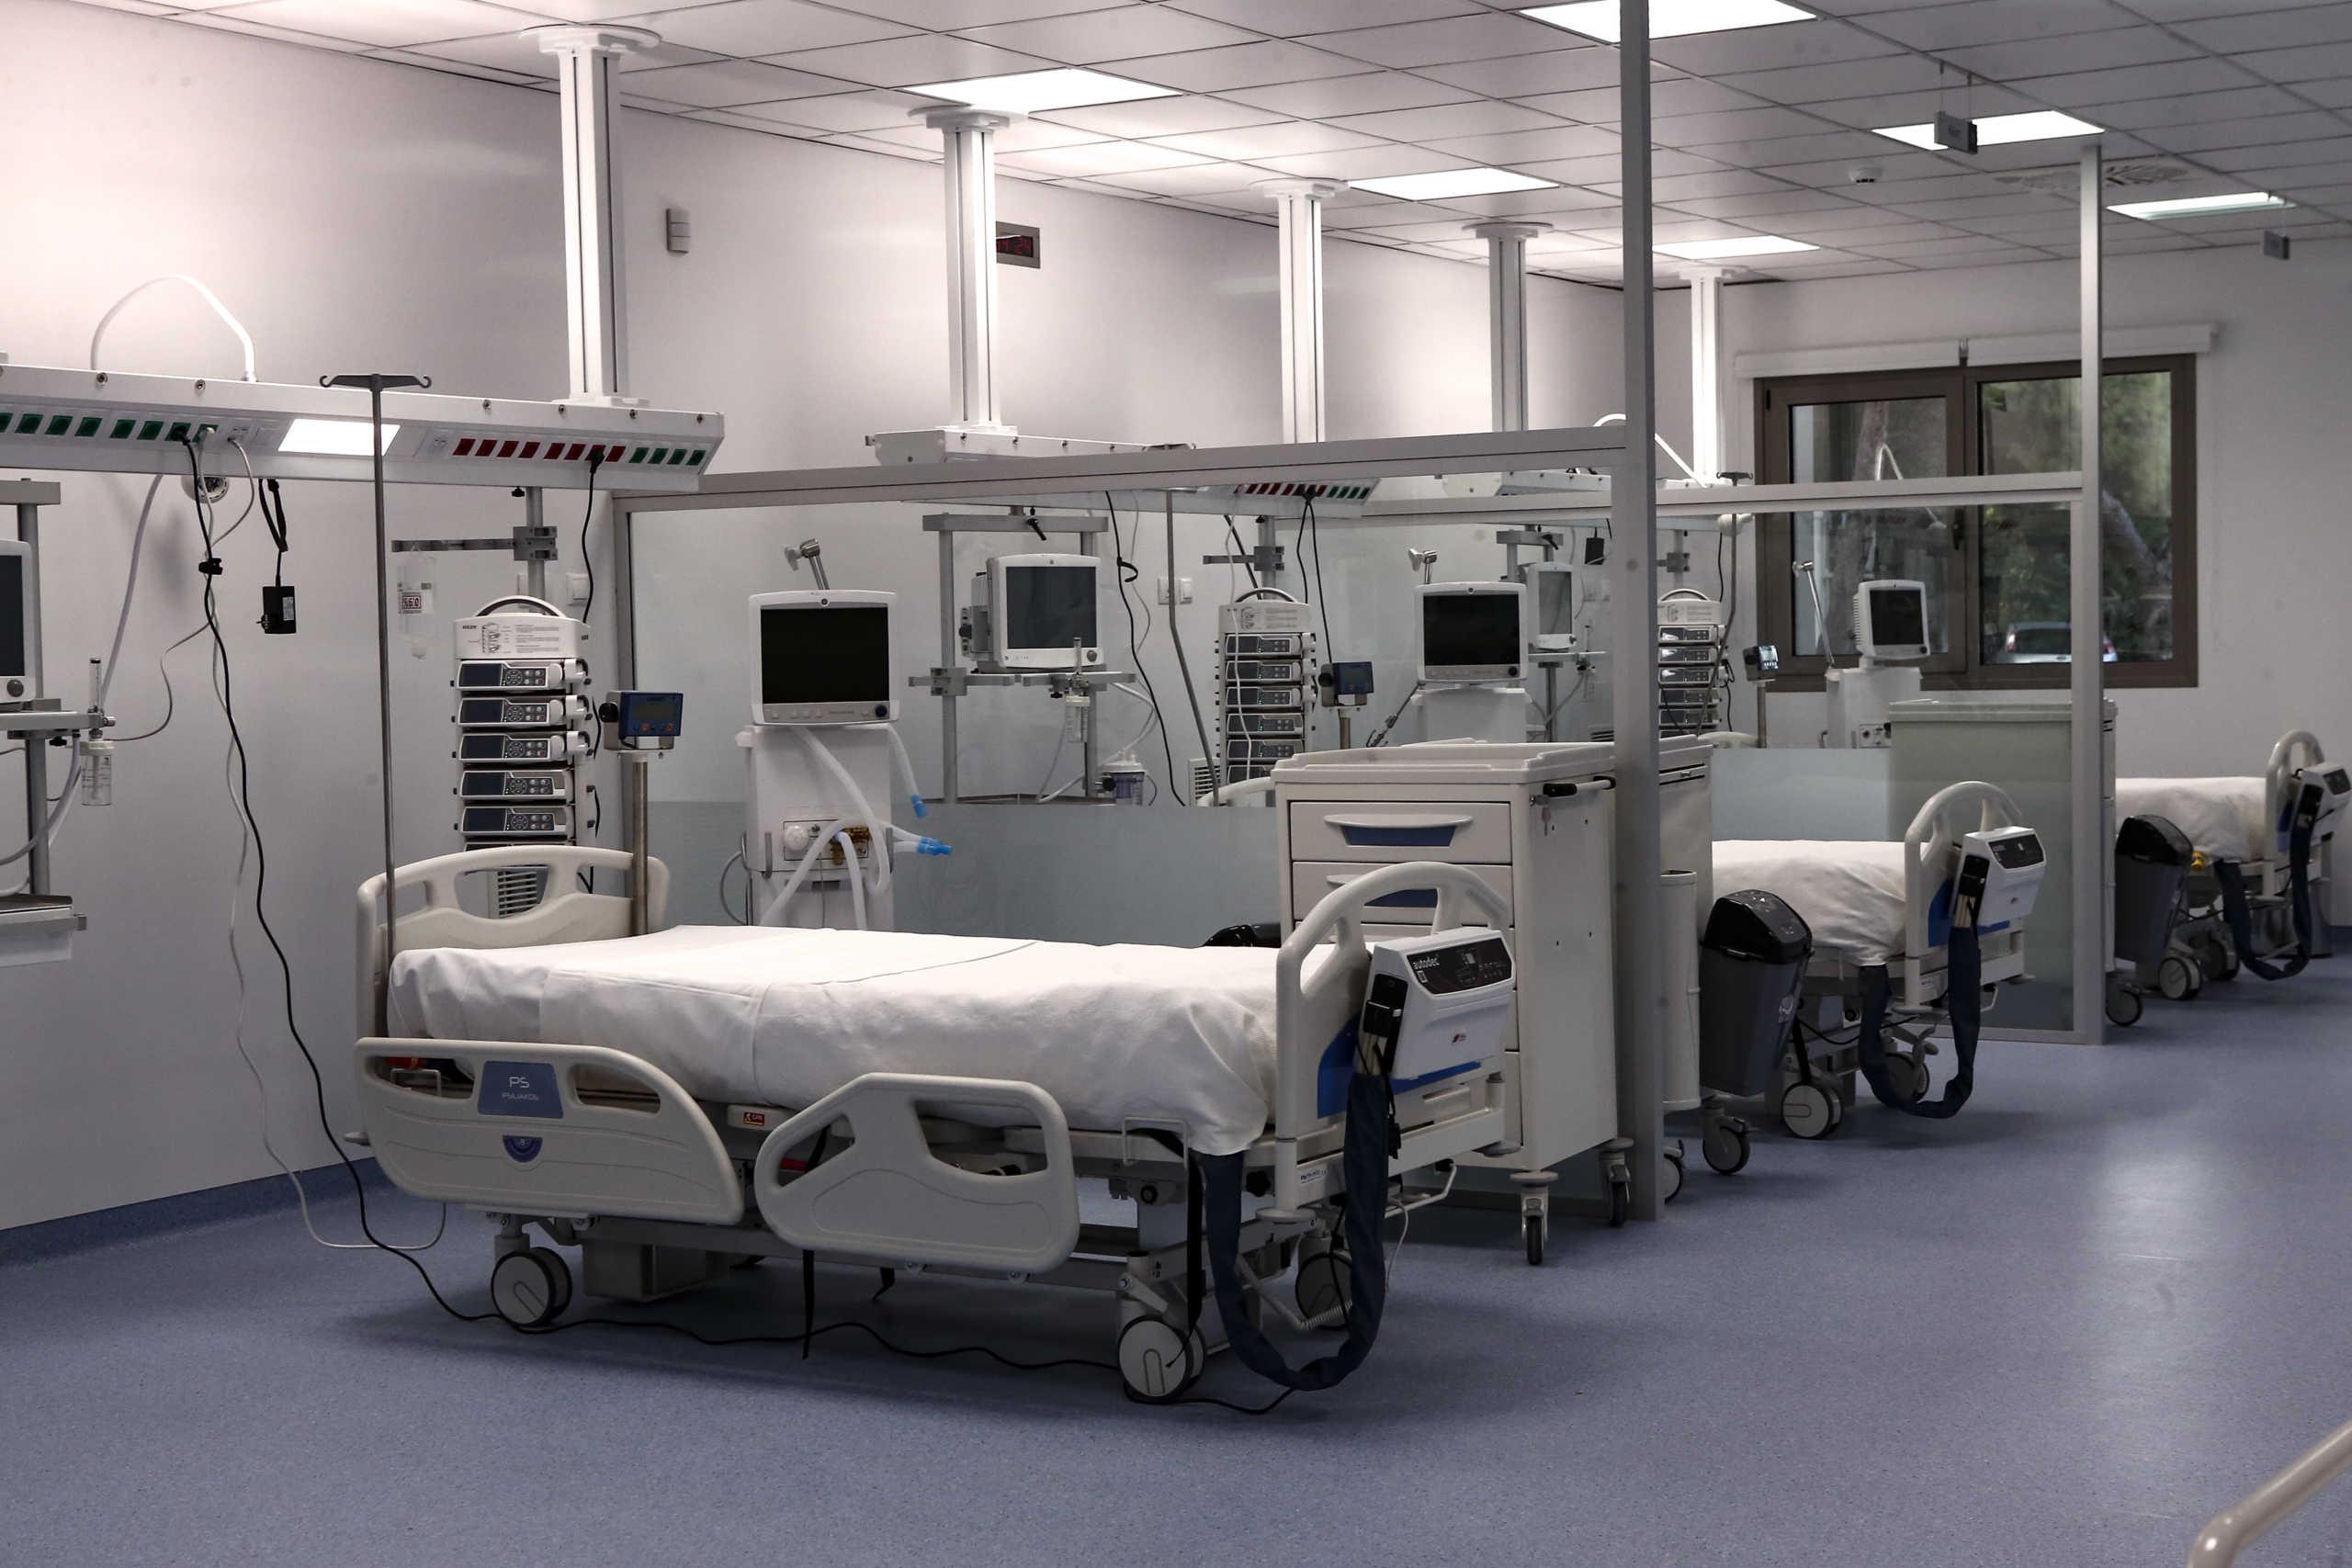 Θεσσαλονίκη: Αρνούνται οι ιδιωτικές κλινικές να δώσουν κλίνες Covid! Με επίταξη απειλεί το υπουργείο – Δείτε το έγγραφο